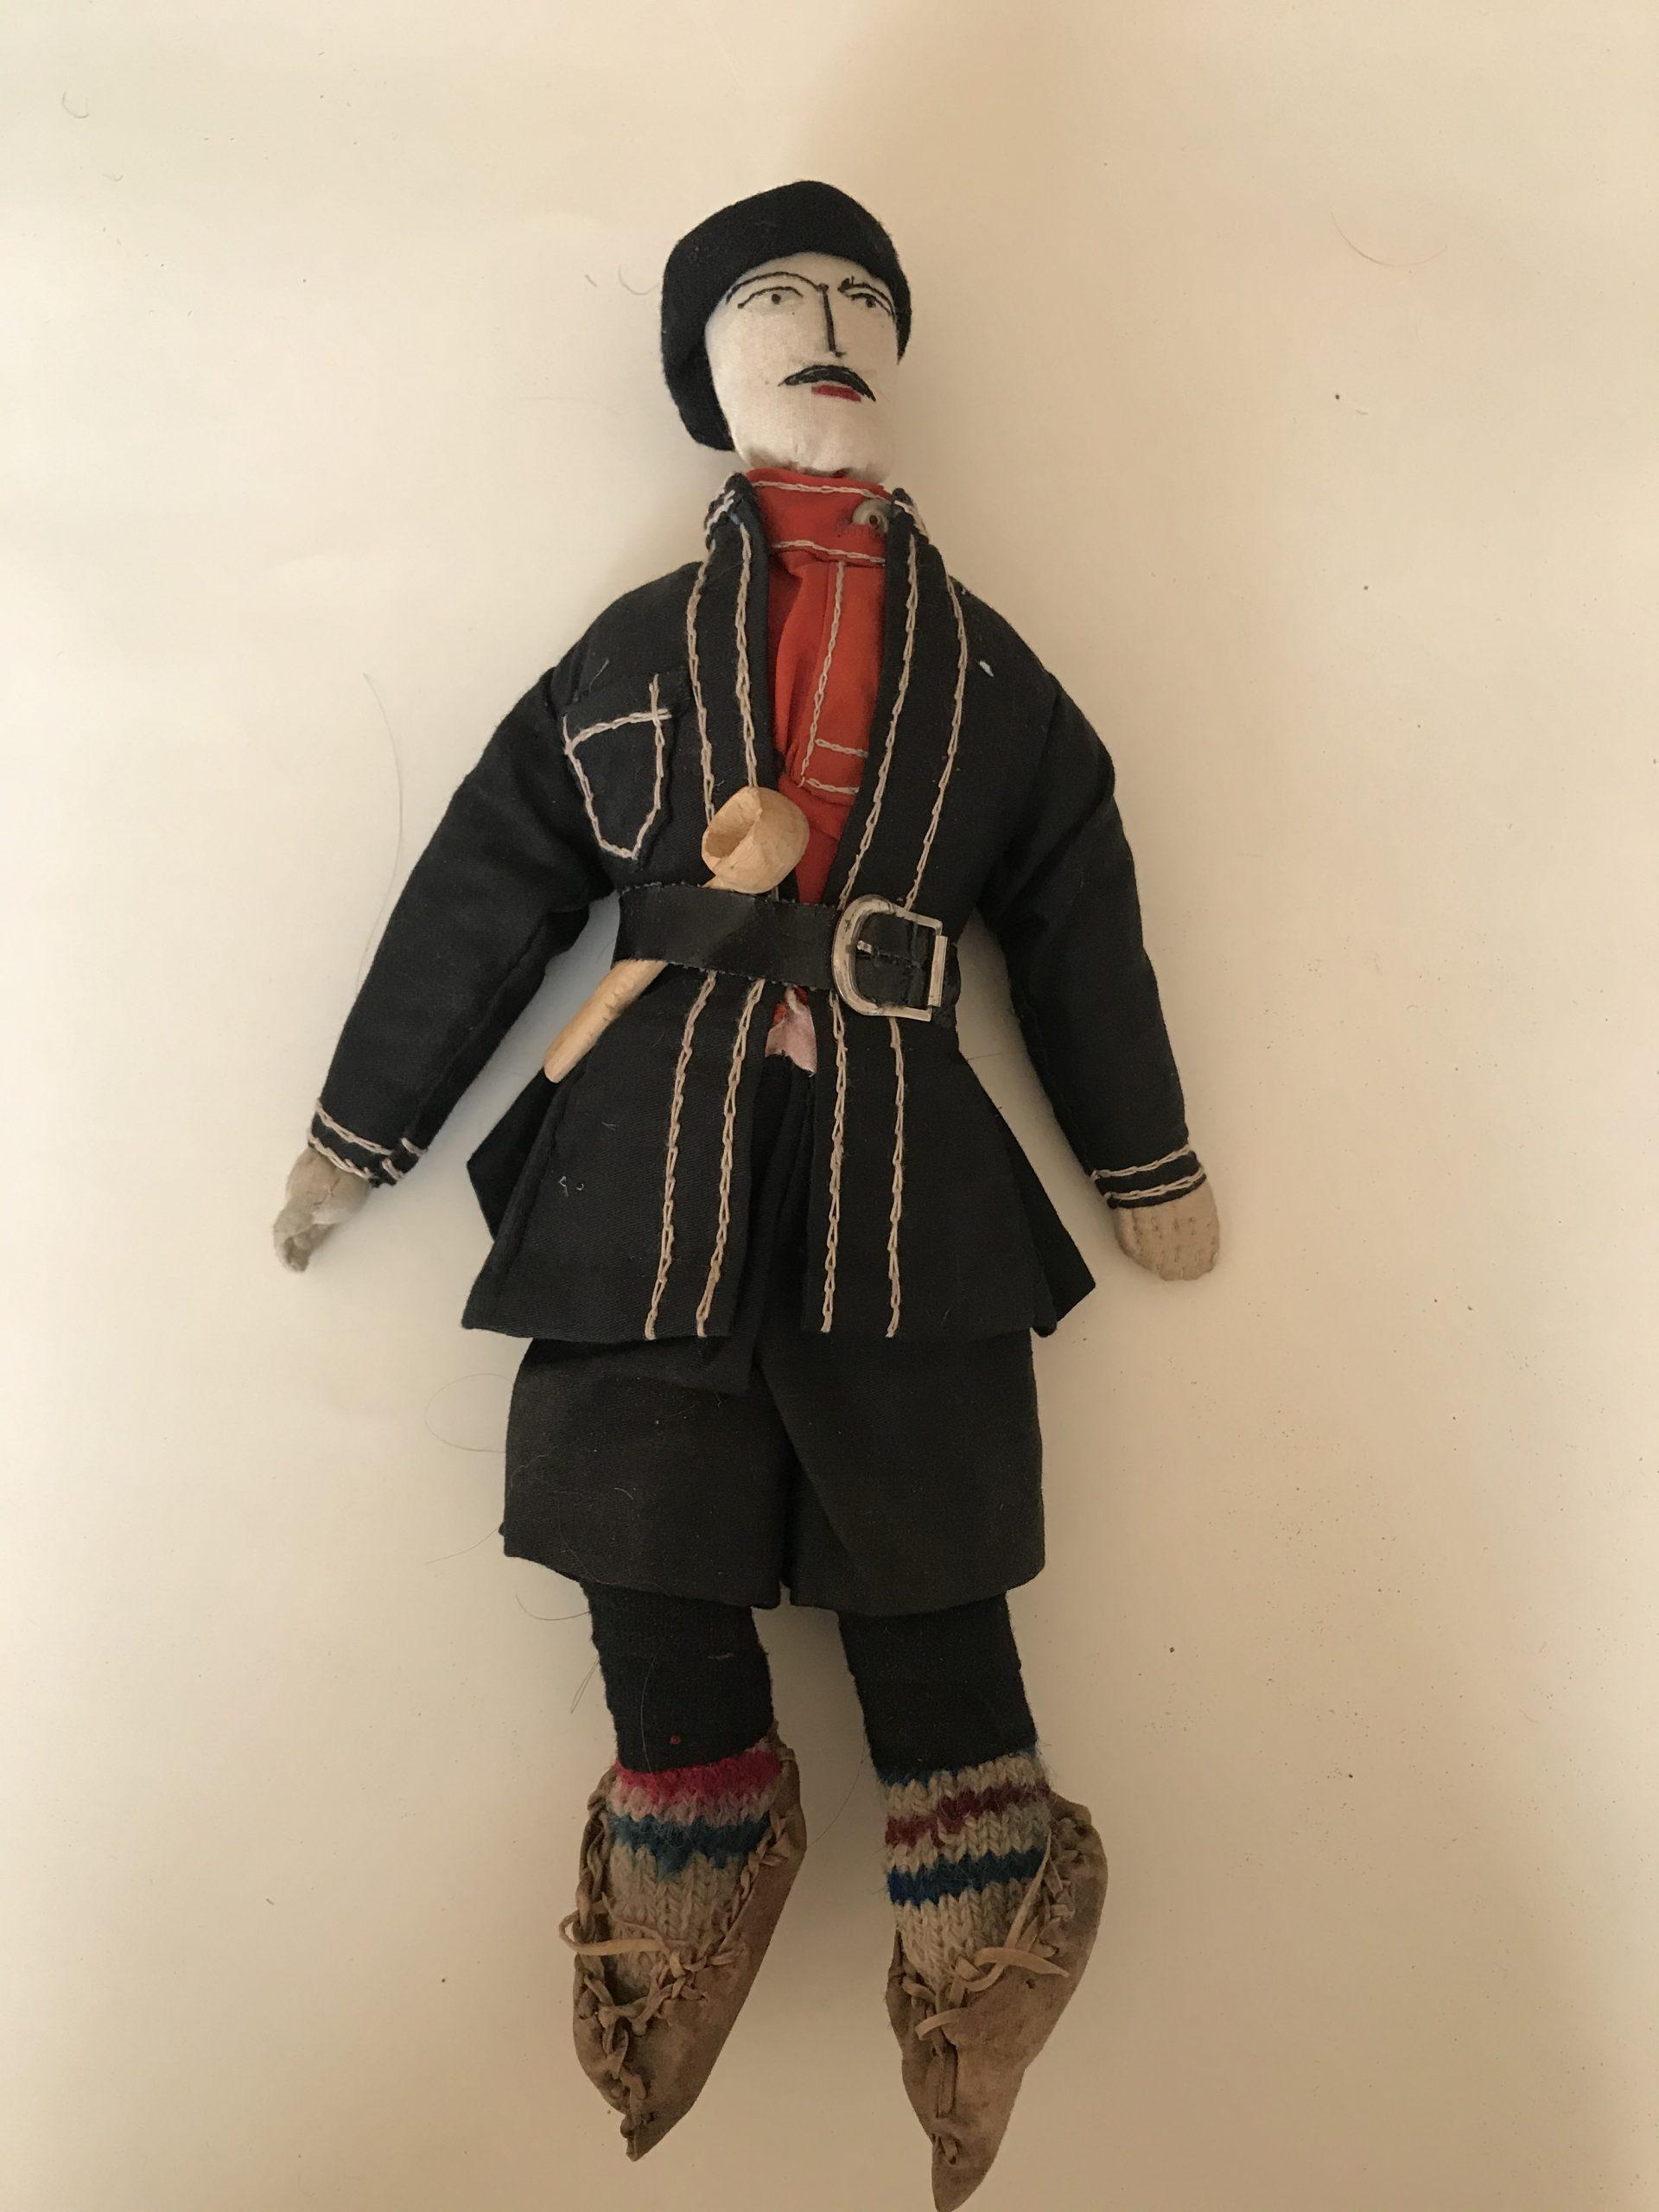 image00006 scaled Другая SOVA Гулико Квантидзе, игрушки, история, Национальный музей Грузии